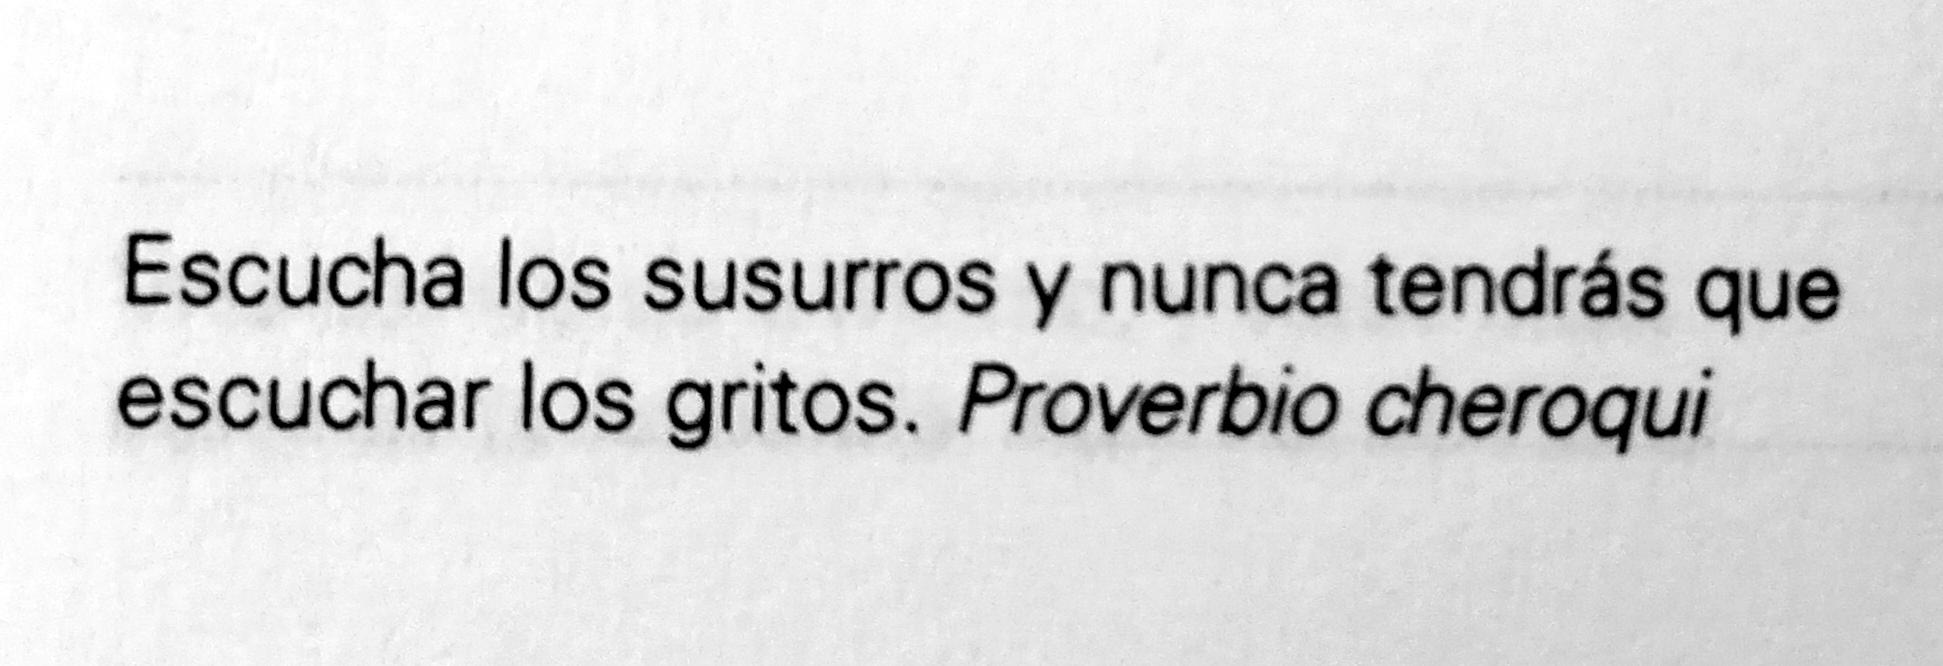 Proverbio Cheroqui